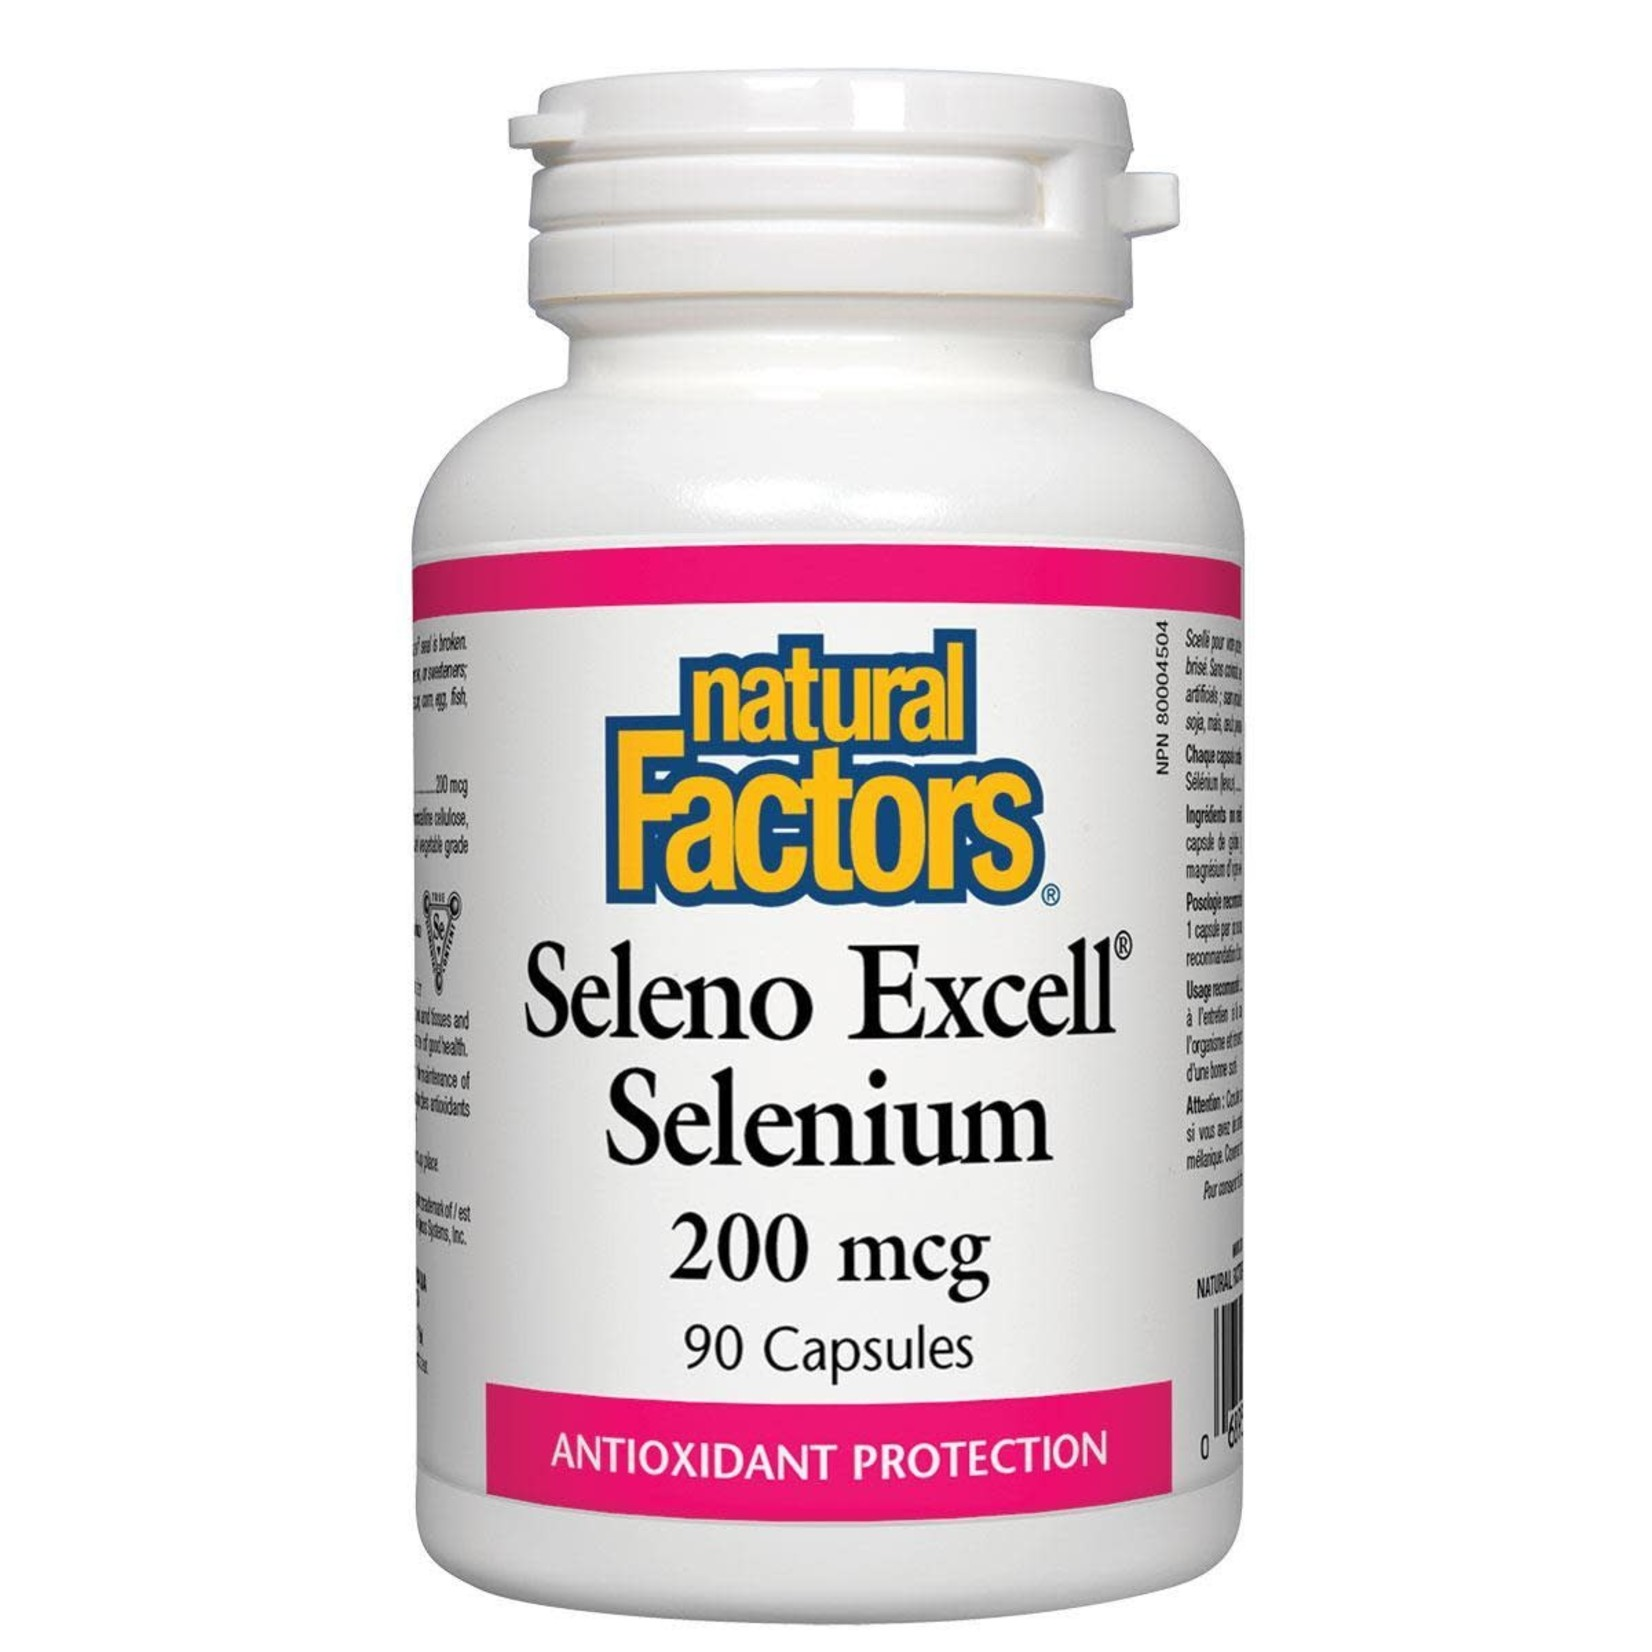 Natural Factors Natural Factors SelenoExcell 200mcg 90 caps